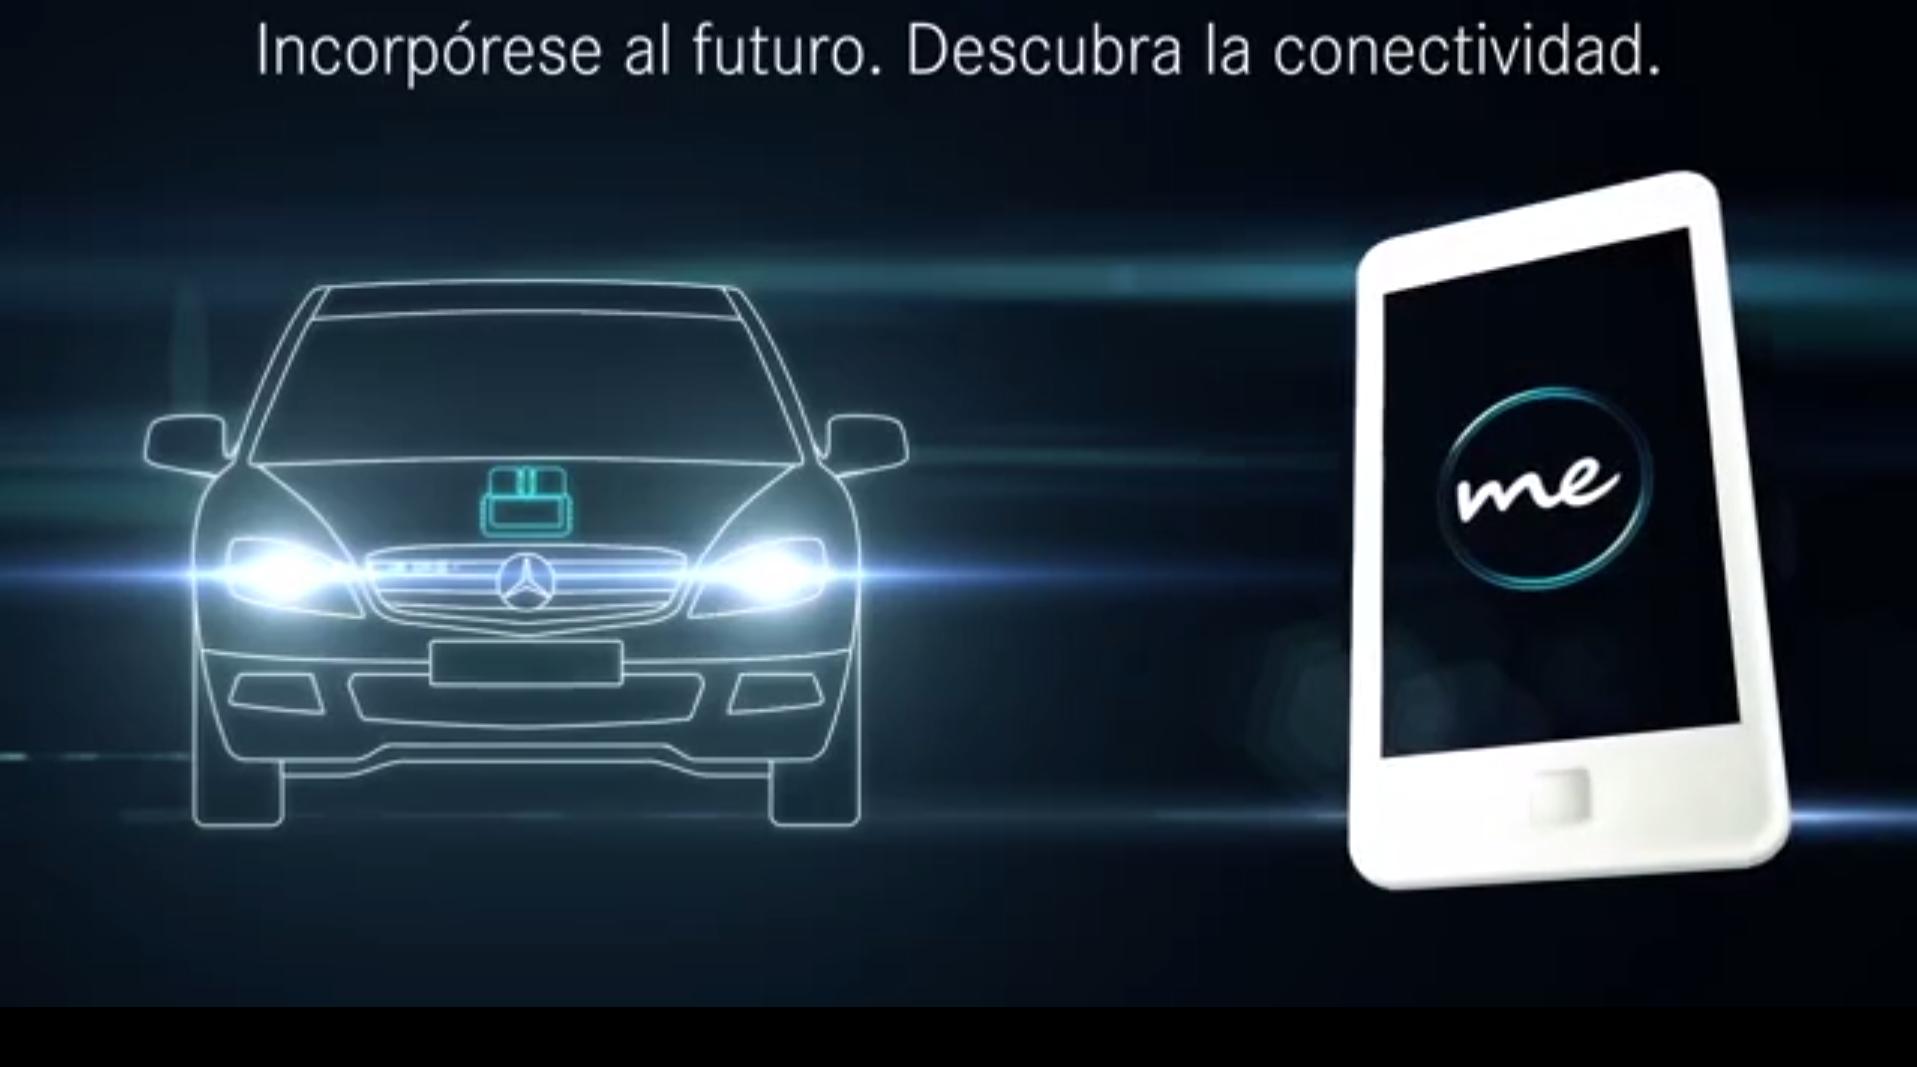 Resultado de imagen de conectividad coches futuro